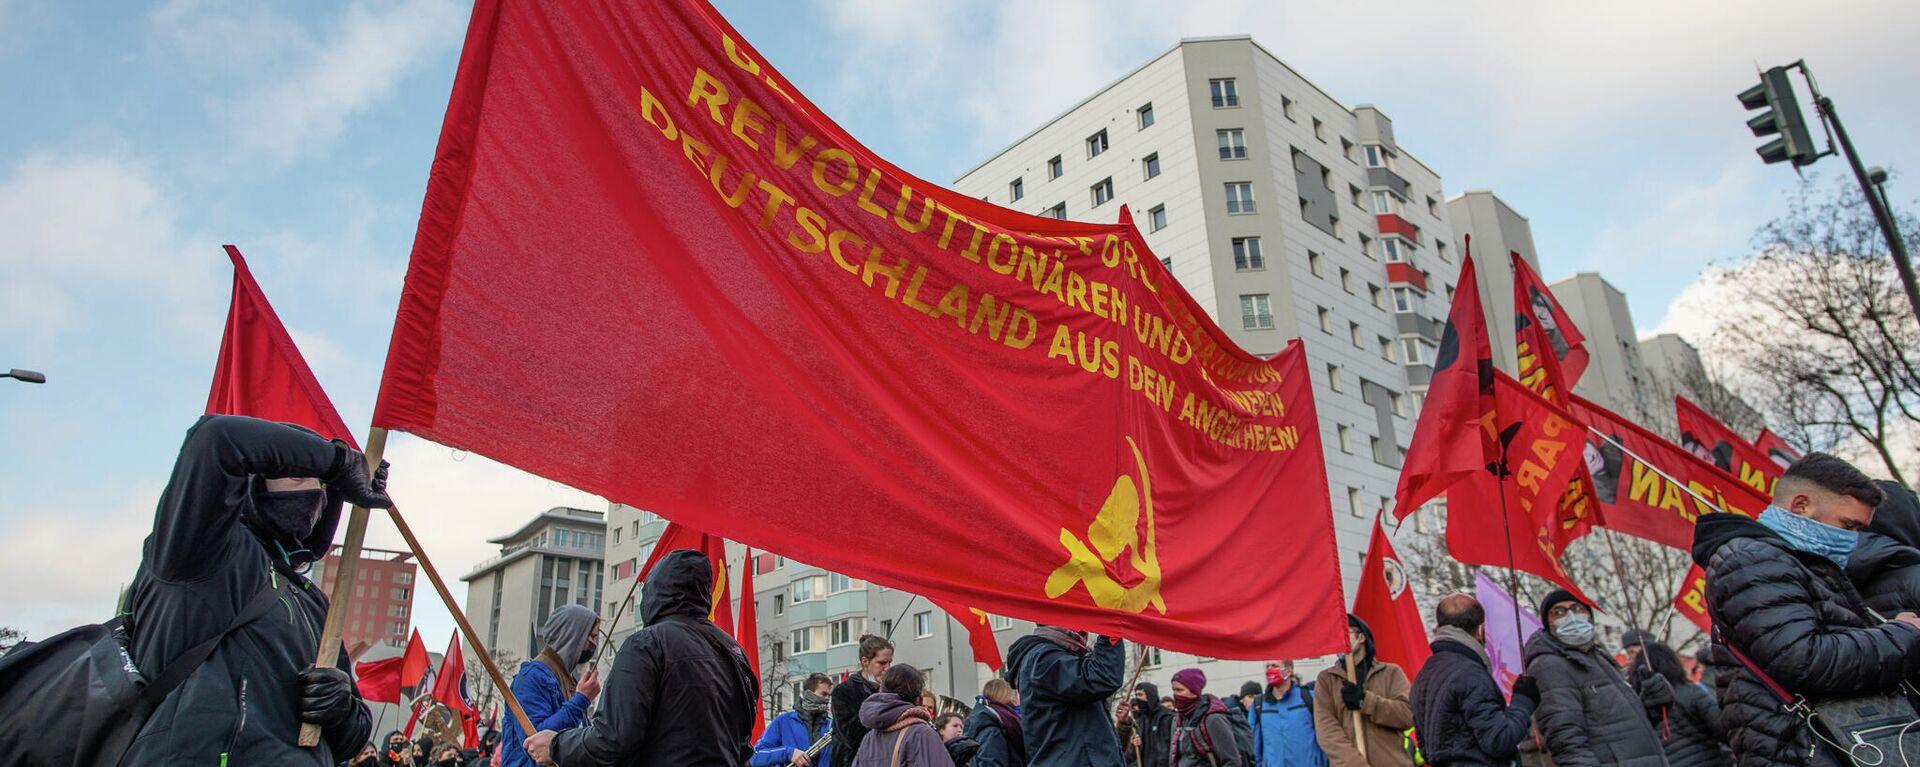 Unter Corona-Auflagen: Luxemburg-Liebknecht-Demonstration zieht zur Gedenkstätte der Sozialisten - SNA, 1920, 11.01.2021